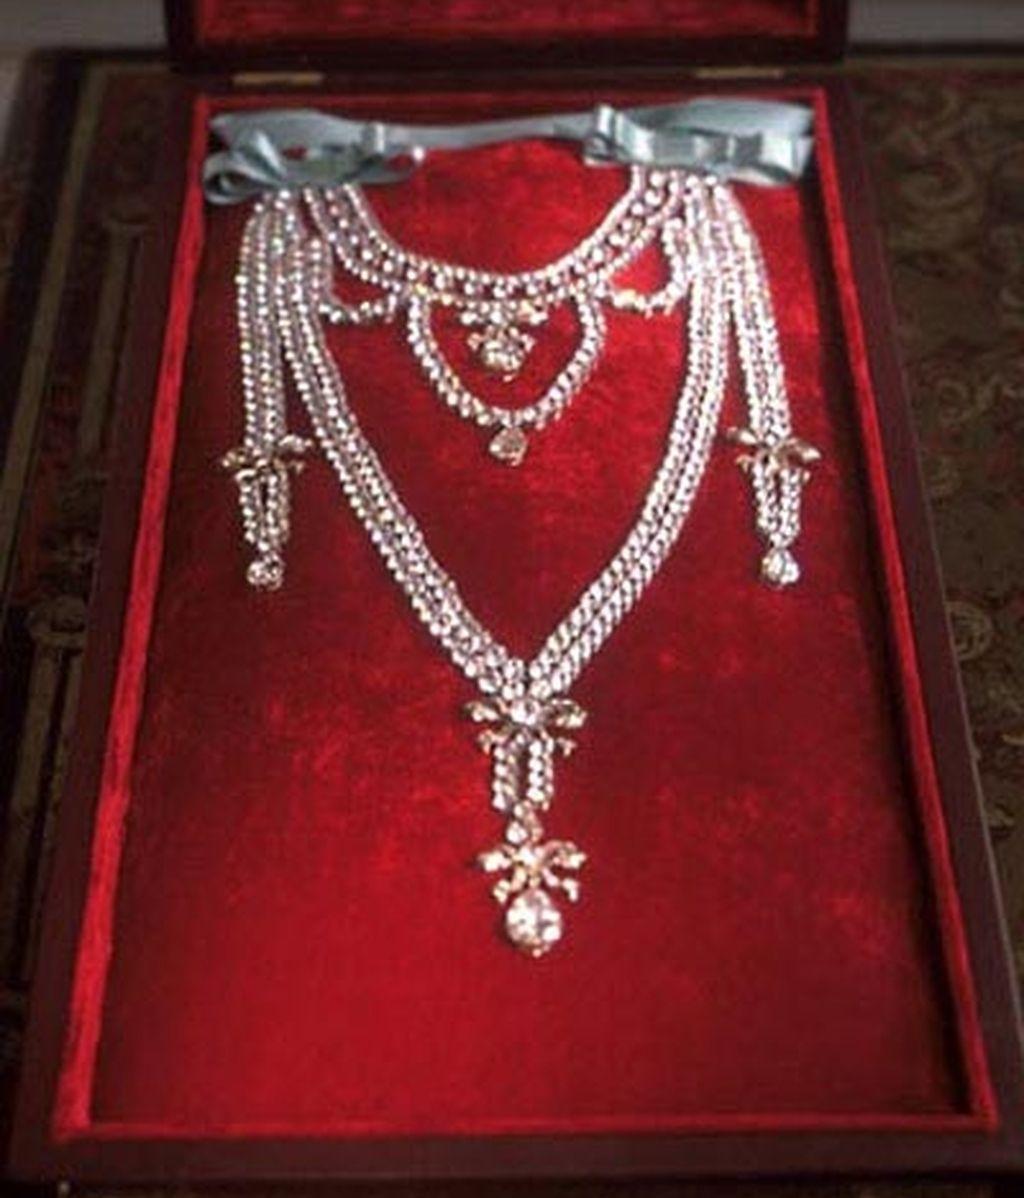 'El misterio del collar'